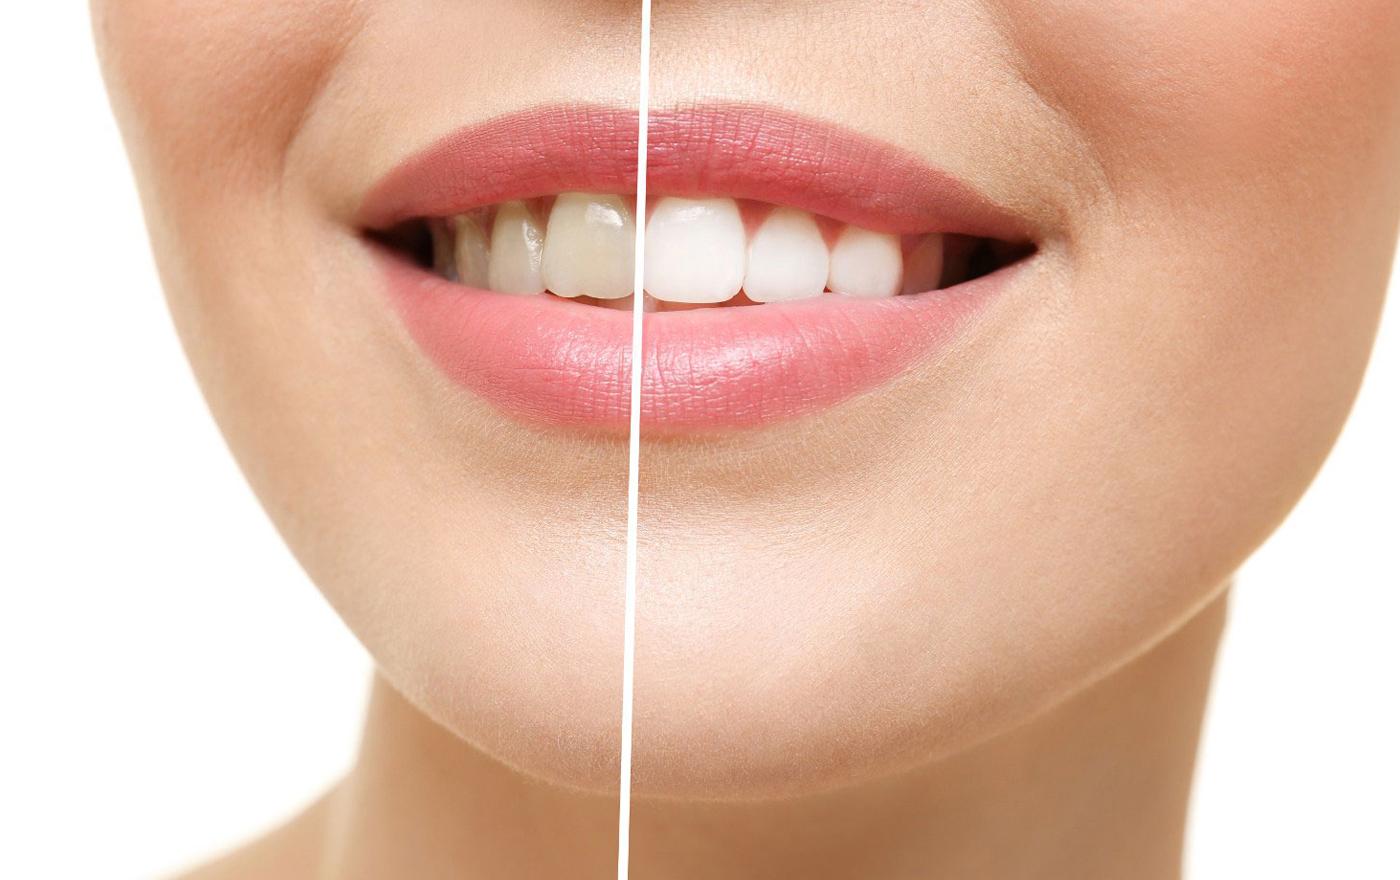 سفید کردن دندان تنها با خوردن 4 خوراکی طبیعی و سالم